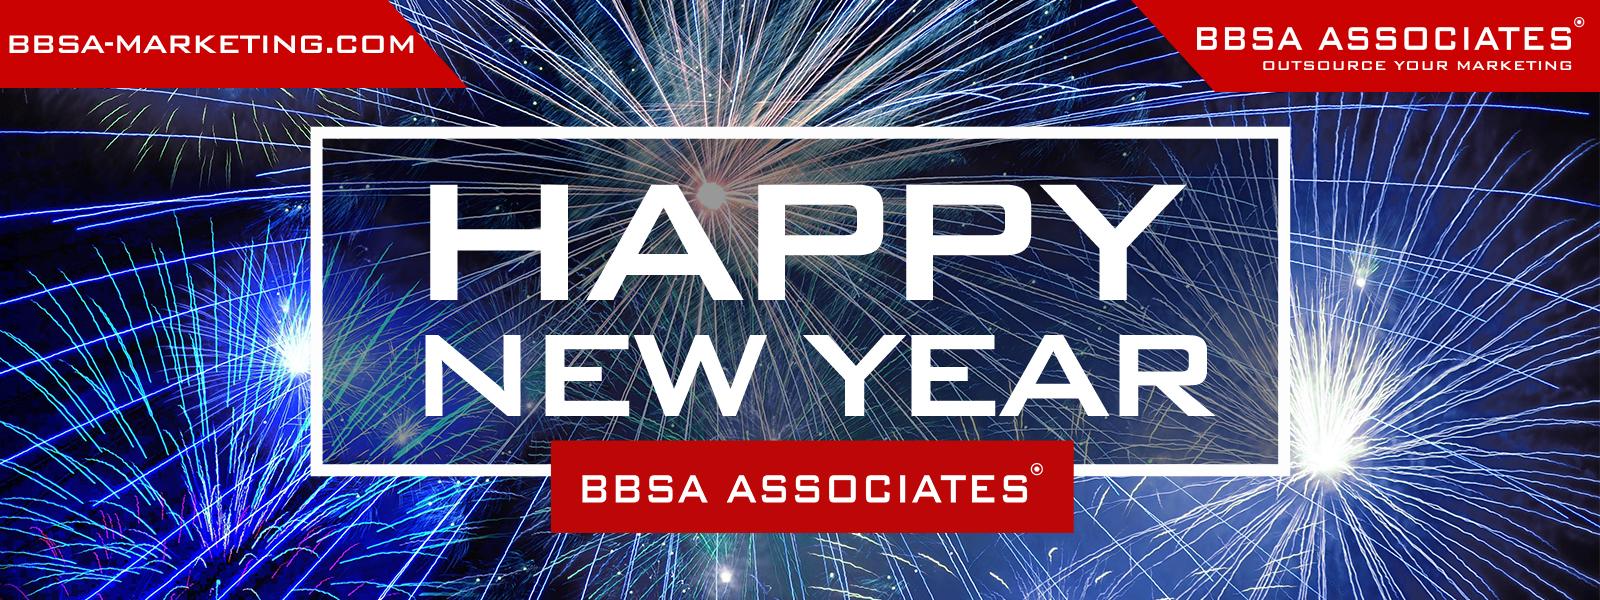 BBSA Happy New Year 2019